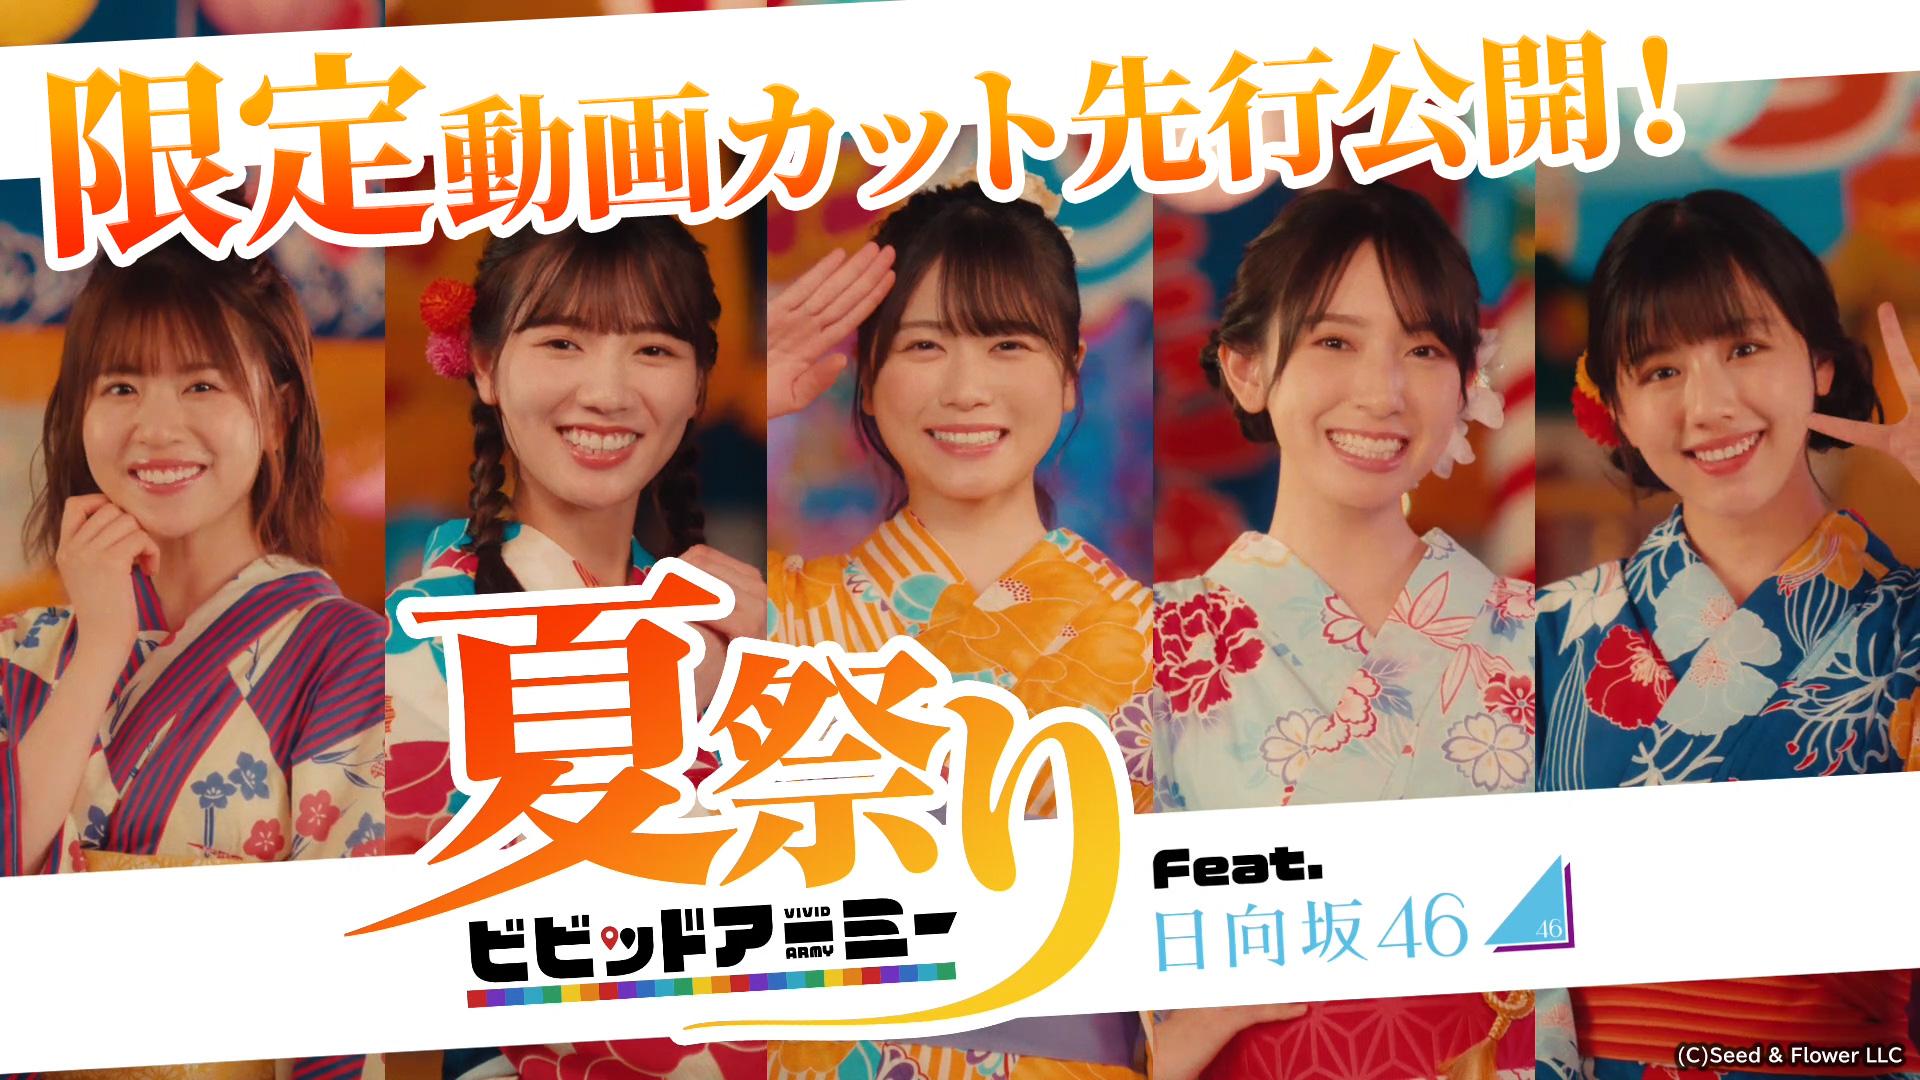 日向坂46TVCM出演記念イベント開催中!『ビビッドアーミー』限定デート動画先行カット公開決定!